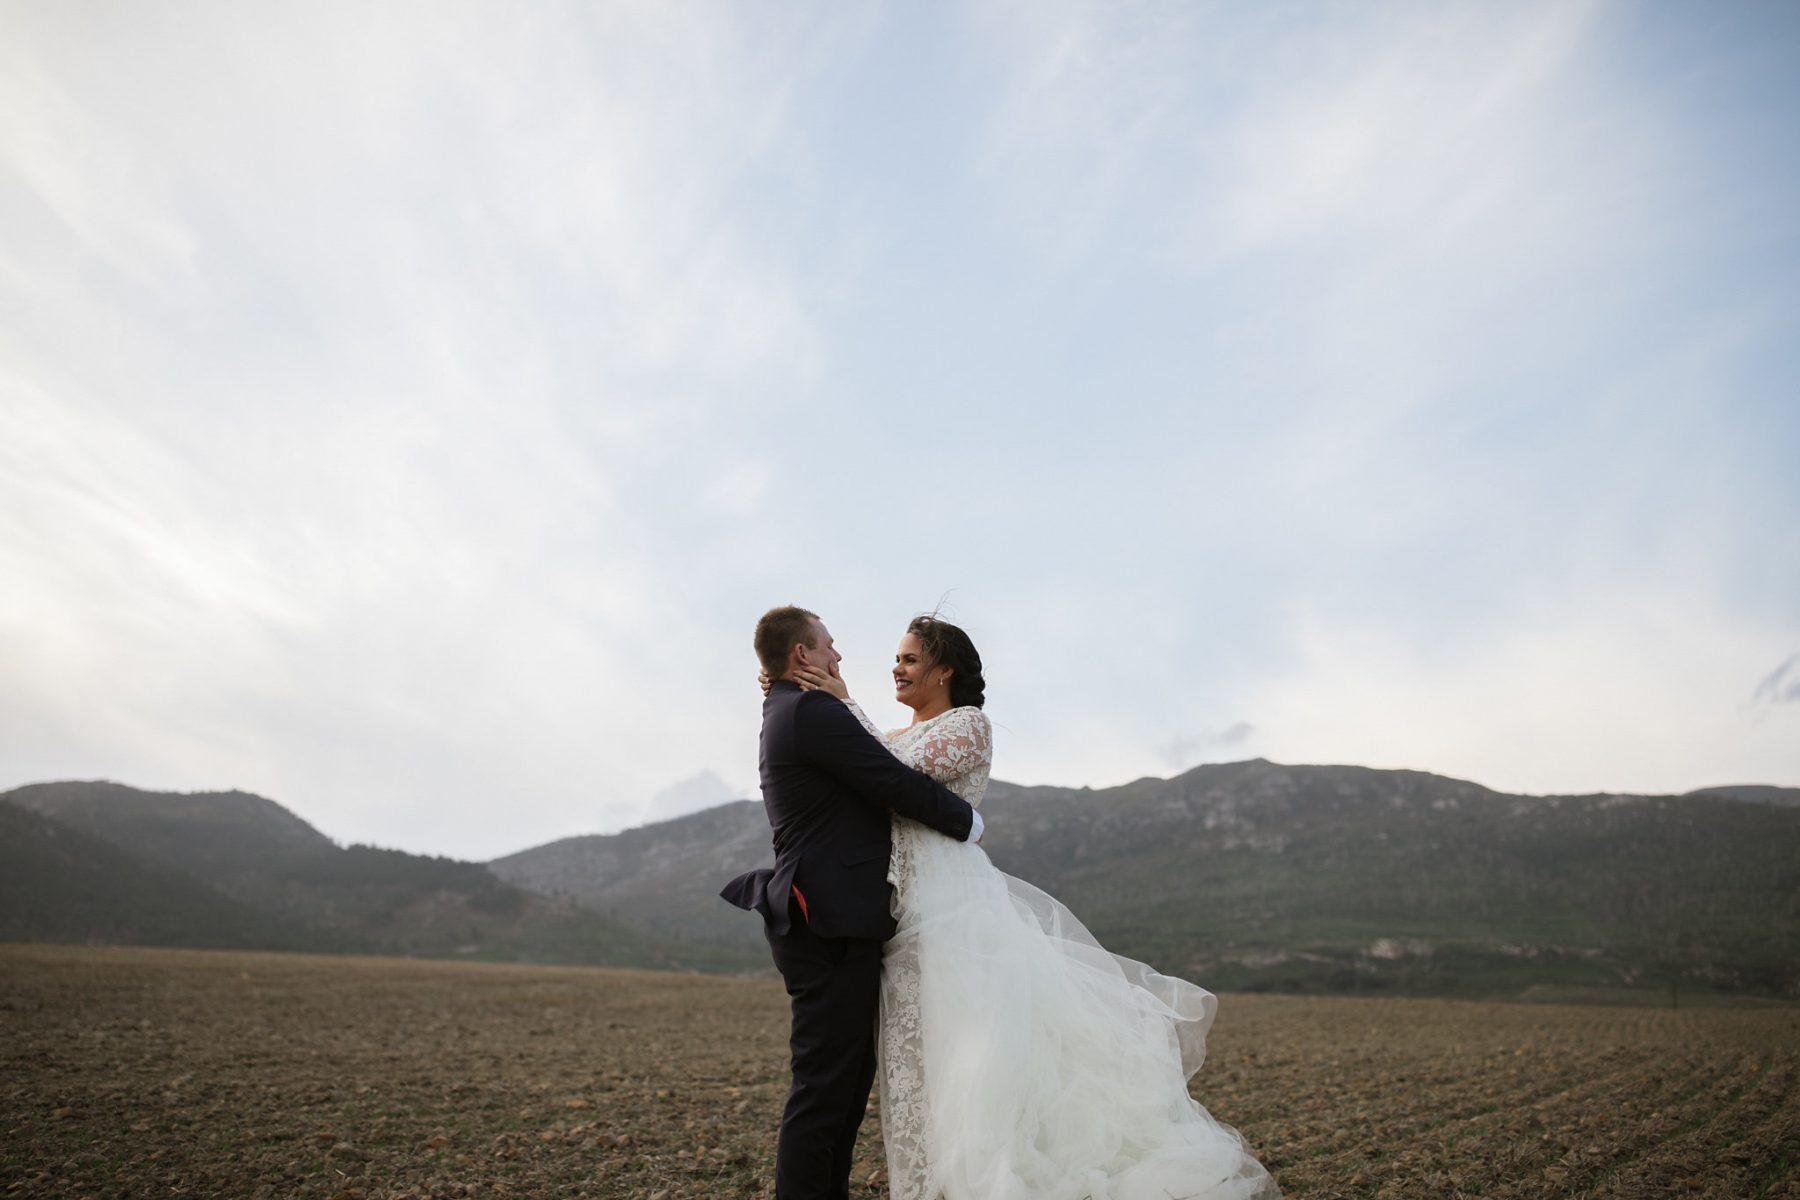 Charé Baumgarten | Alana van Heerden Wedding Gowns